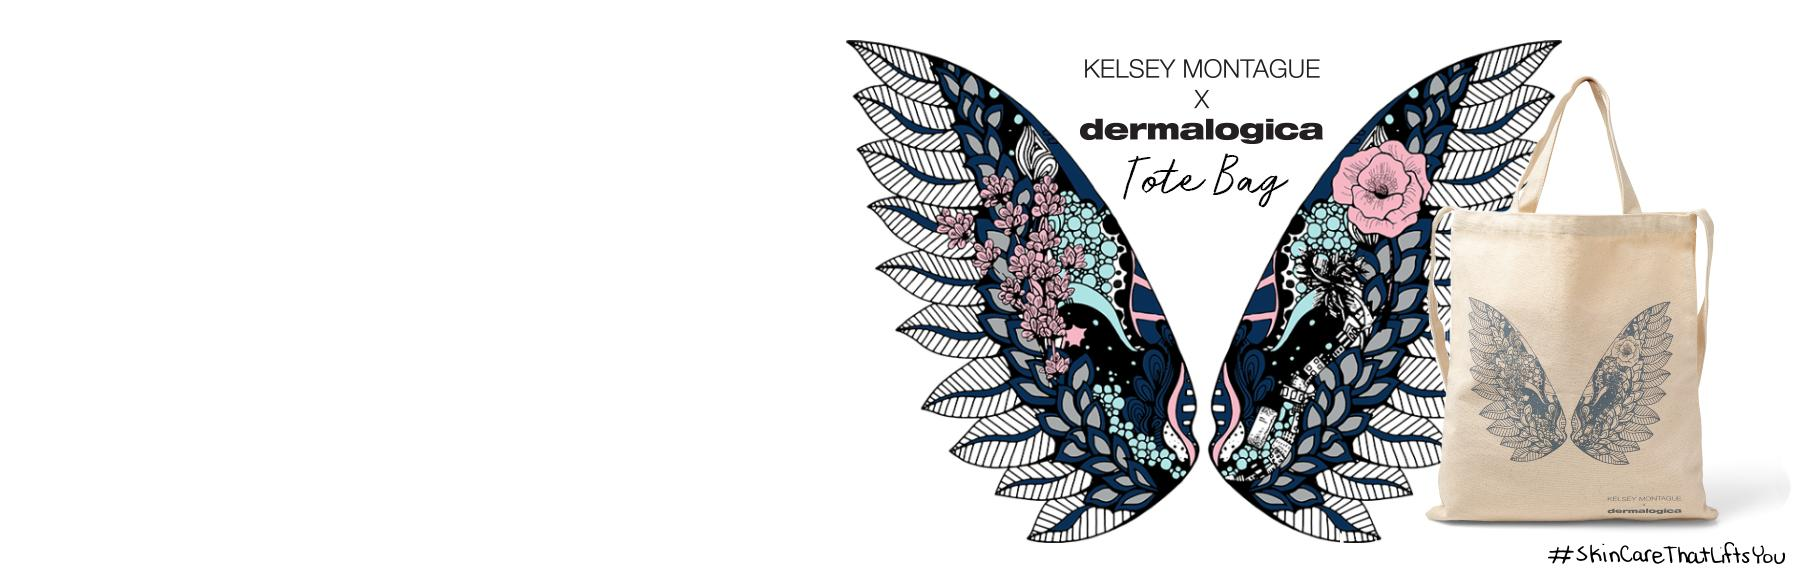 Kelsey Montague x Dermalogica - NL